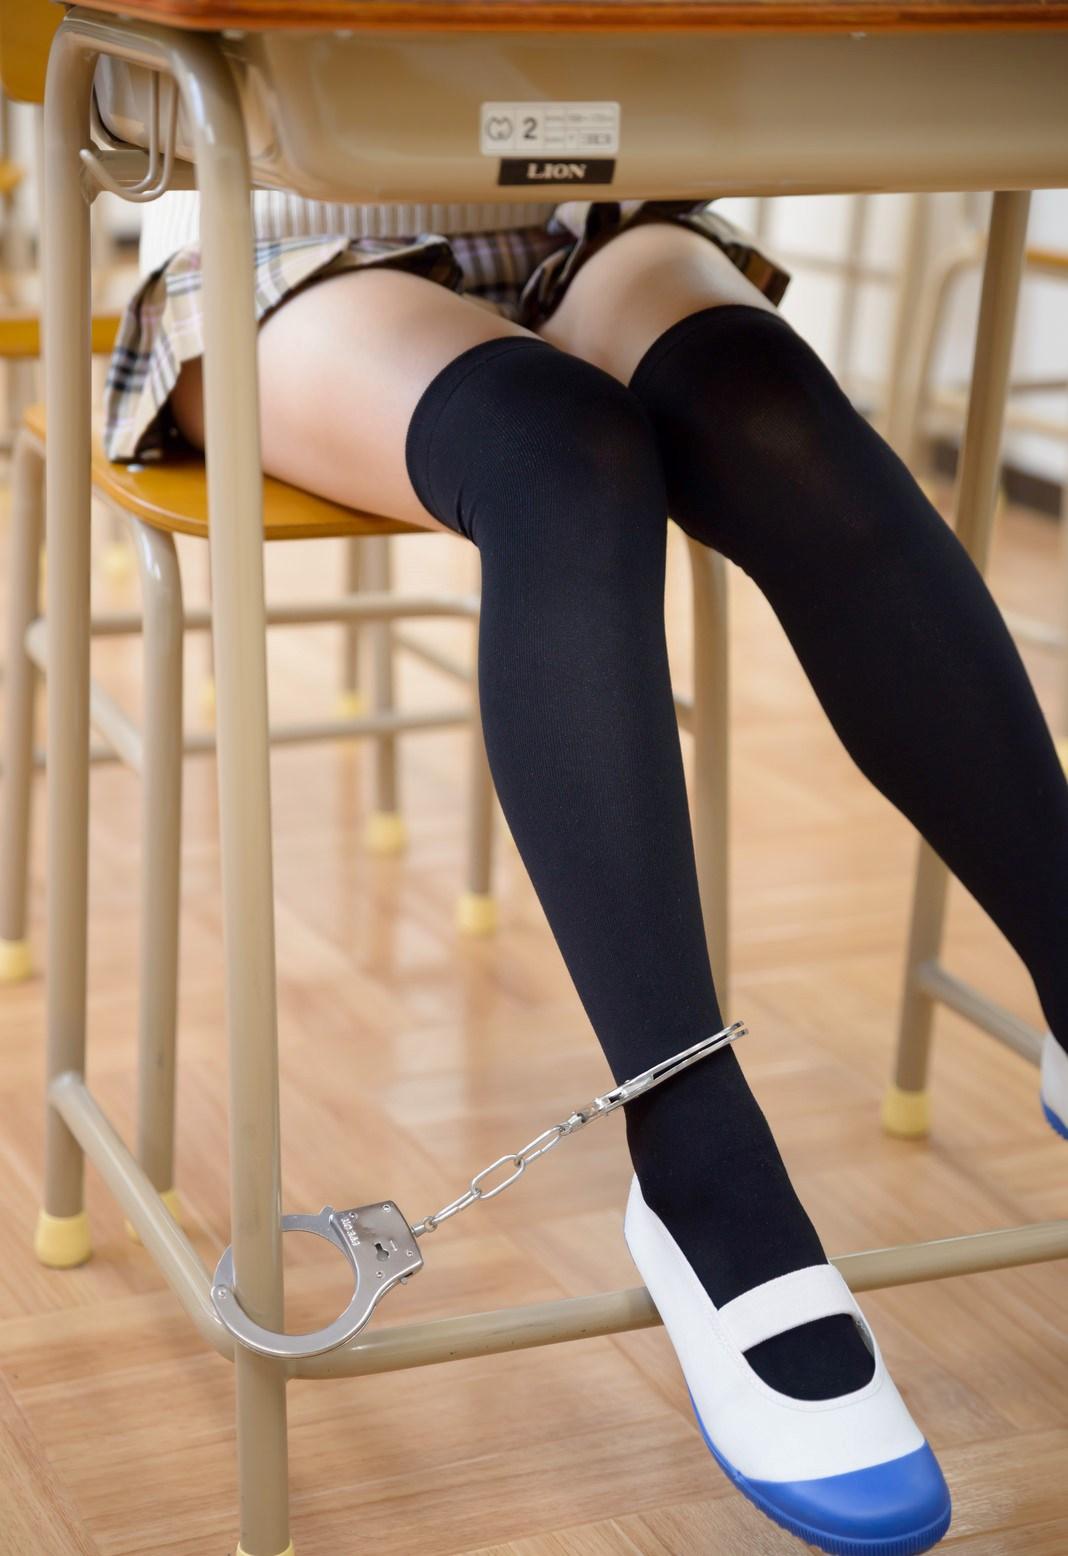 【兔玩映画】腿控福利 兔玩映画 第40张